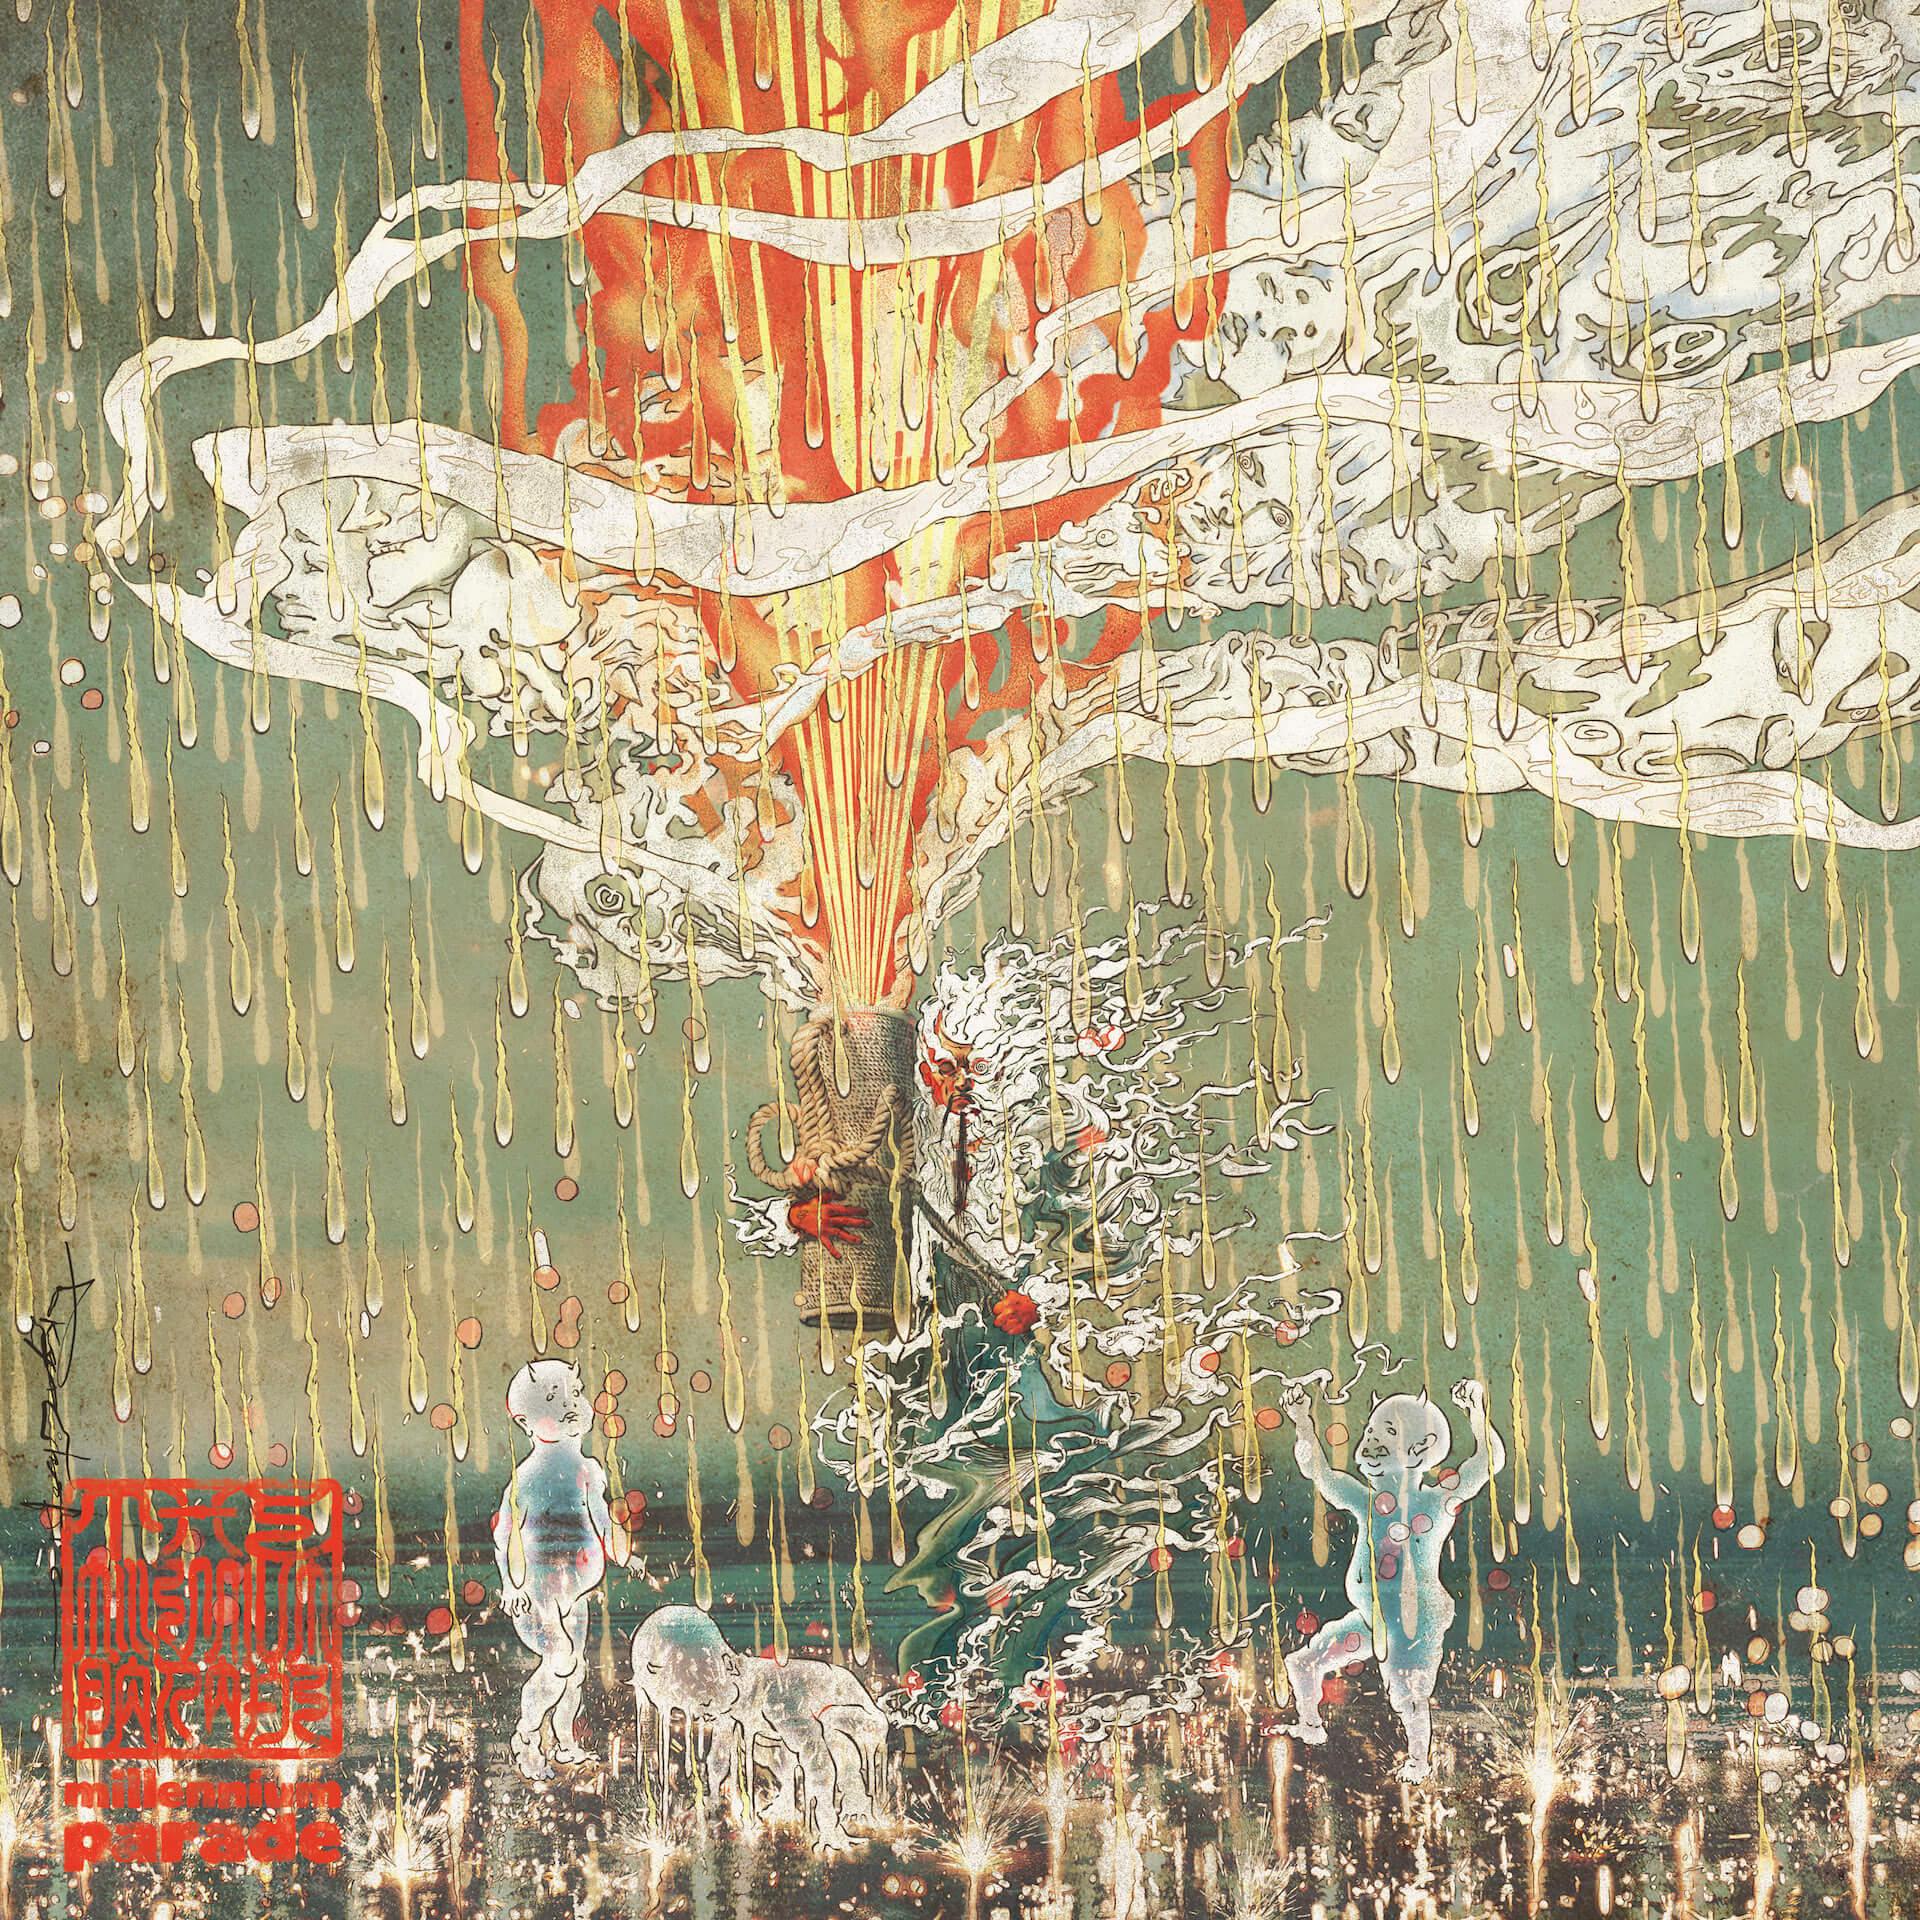 """常田大希率いるmillennium paradeが密着ドキュメンタリーで地上波初パフォーマンス披露!NHK『2030 未来への分岐点』のテーマ音楽""""2992""""も明日先行配信開始 music210107_millenniumparade_8"""